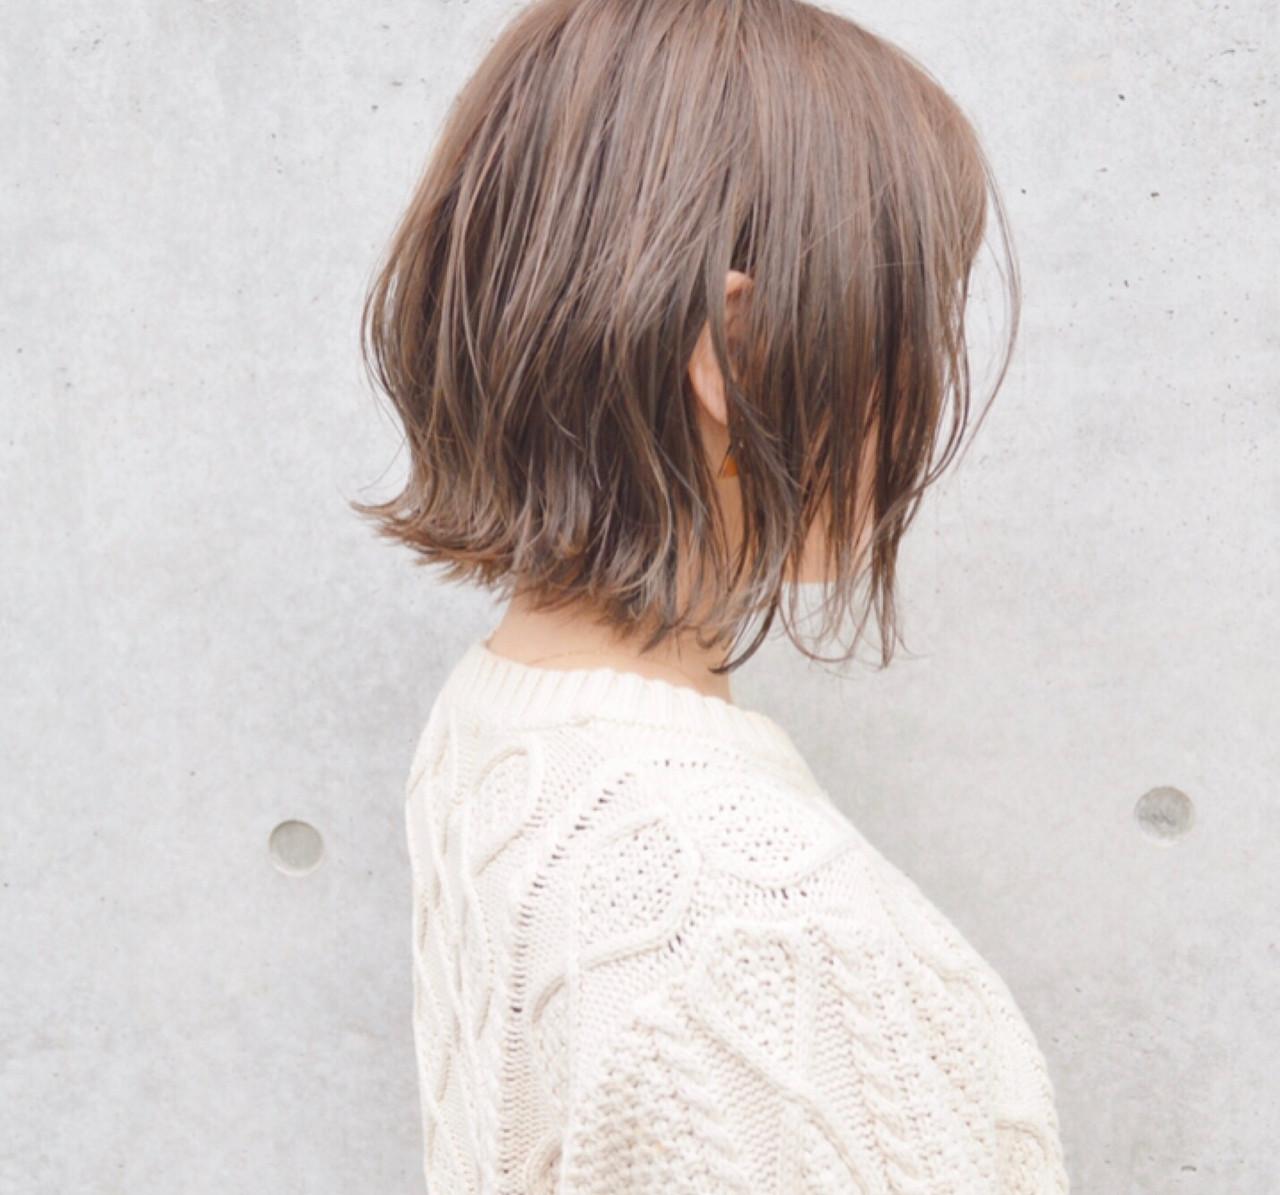 シャギーカットとは|レイヤーカットとの違いと冬のおすすめ髪型紹介